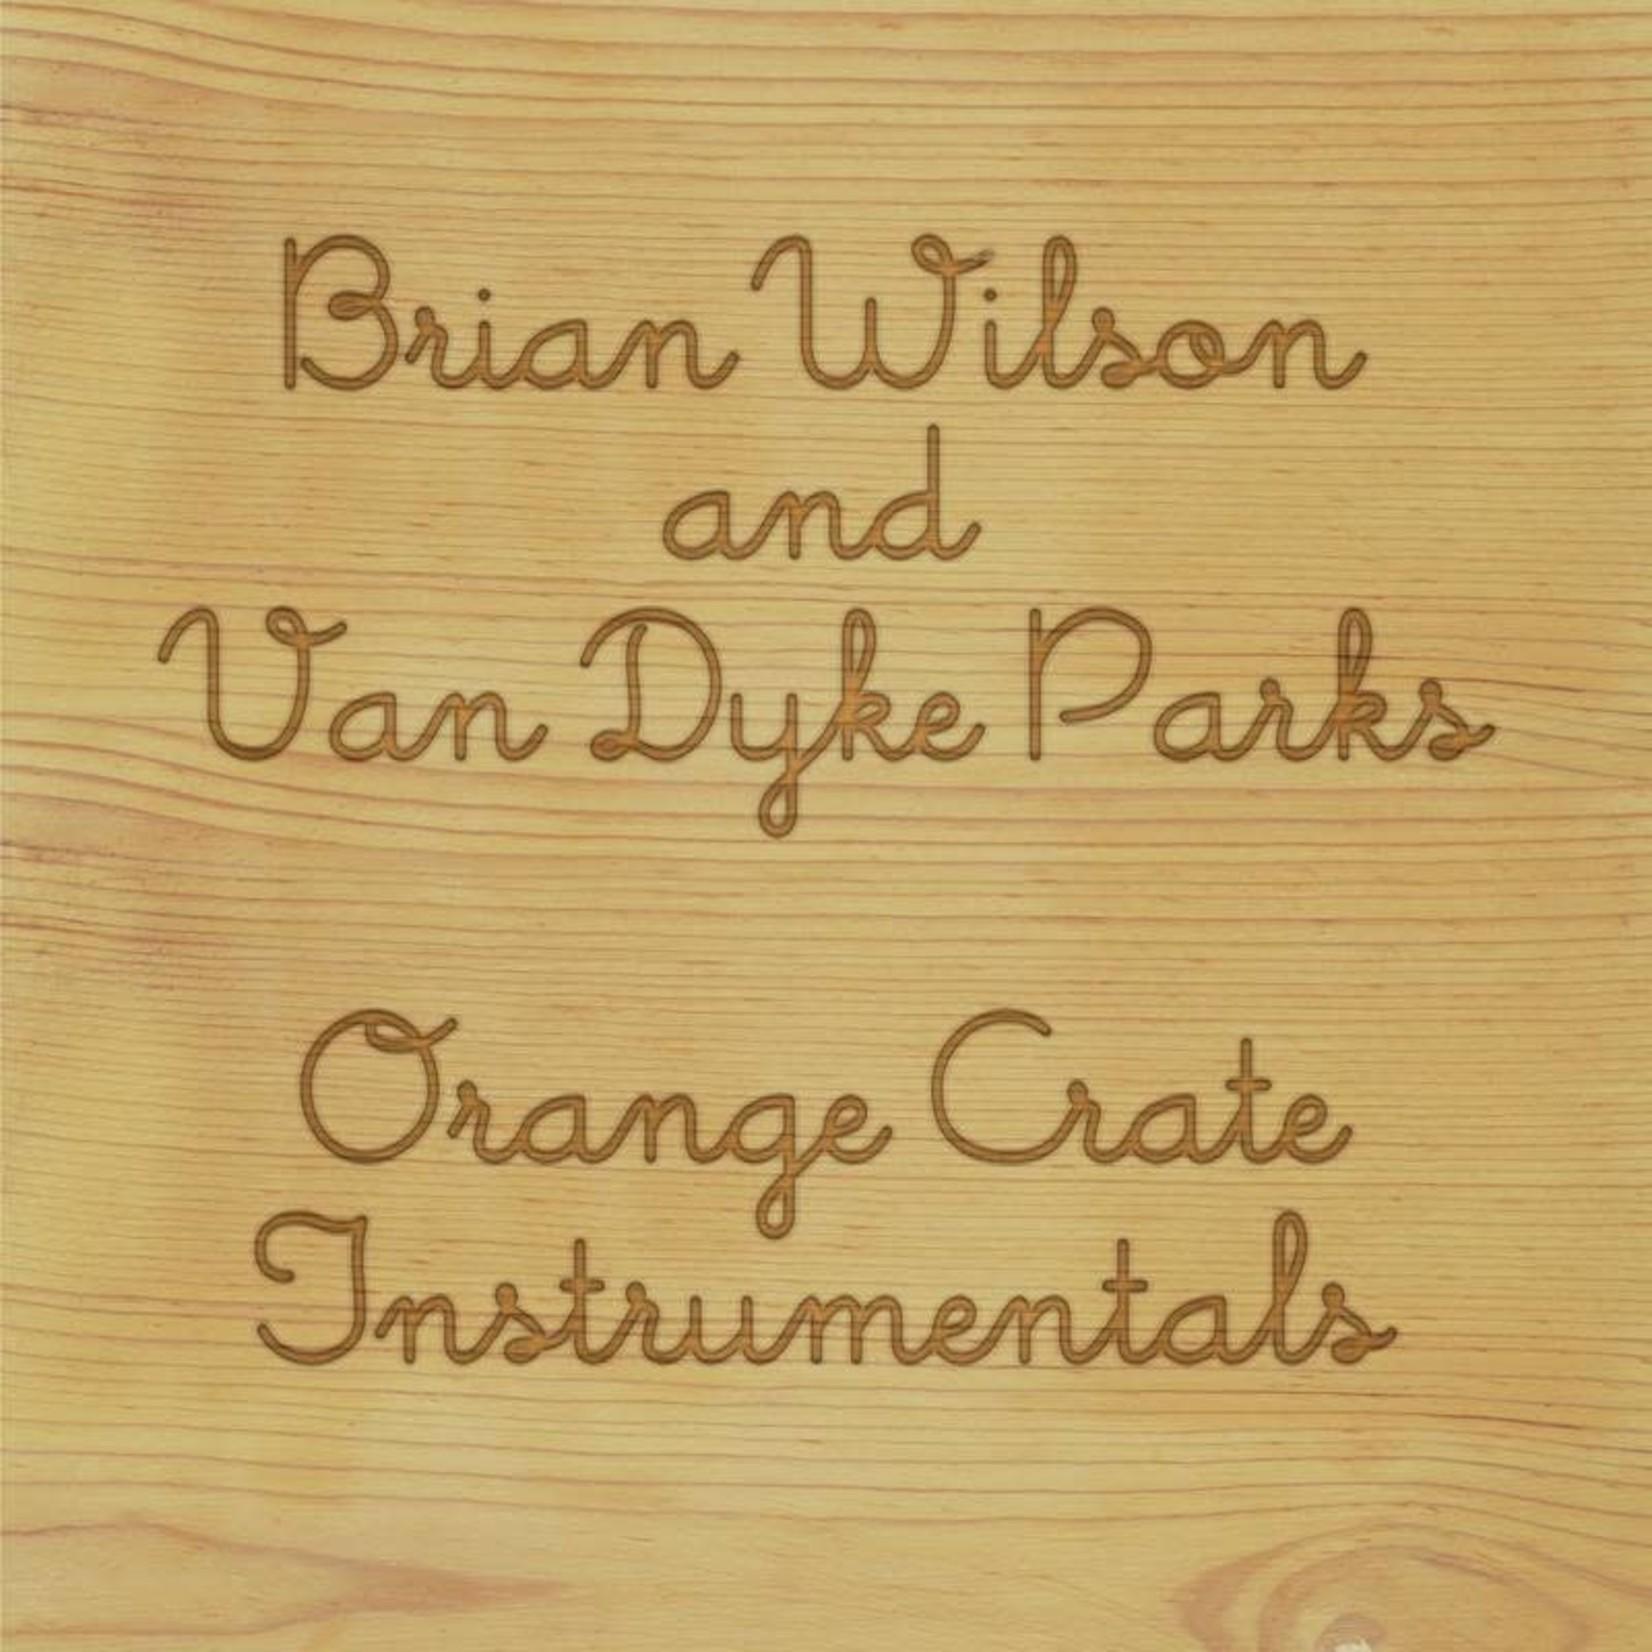 BRIAN WILSON BF20 - ORANGE CRATE INSTRUMENTALS